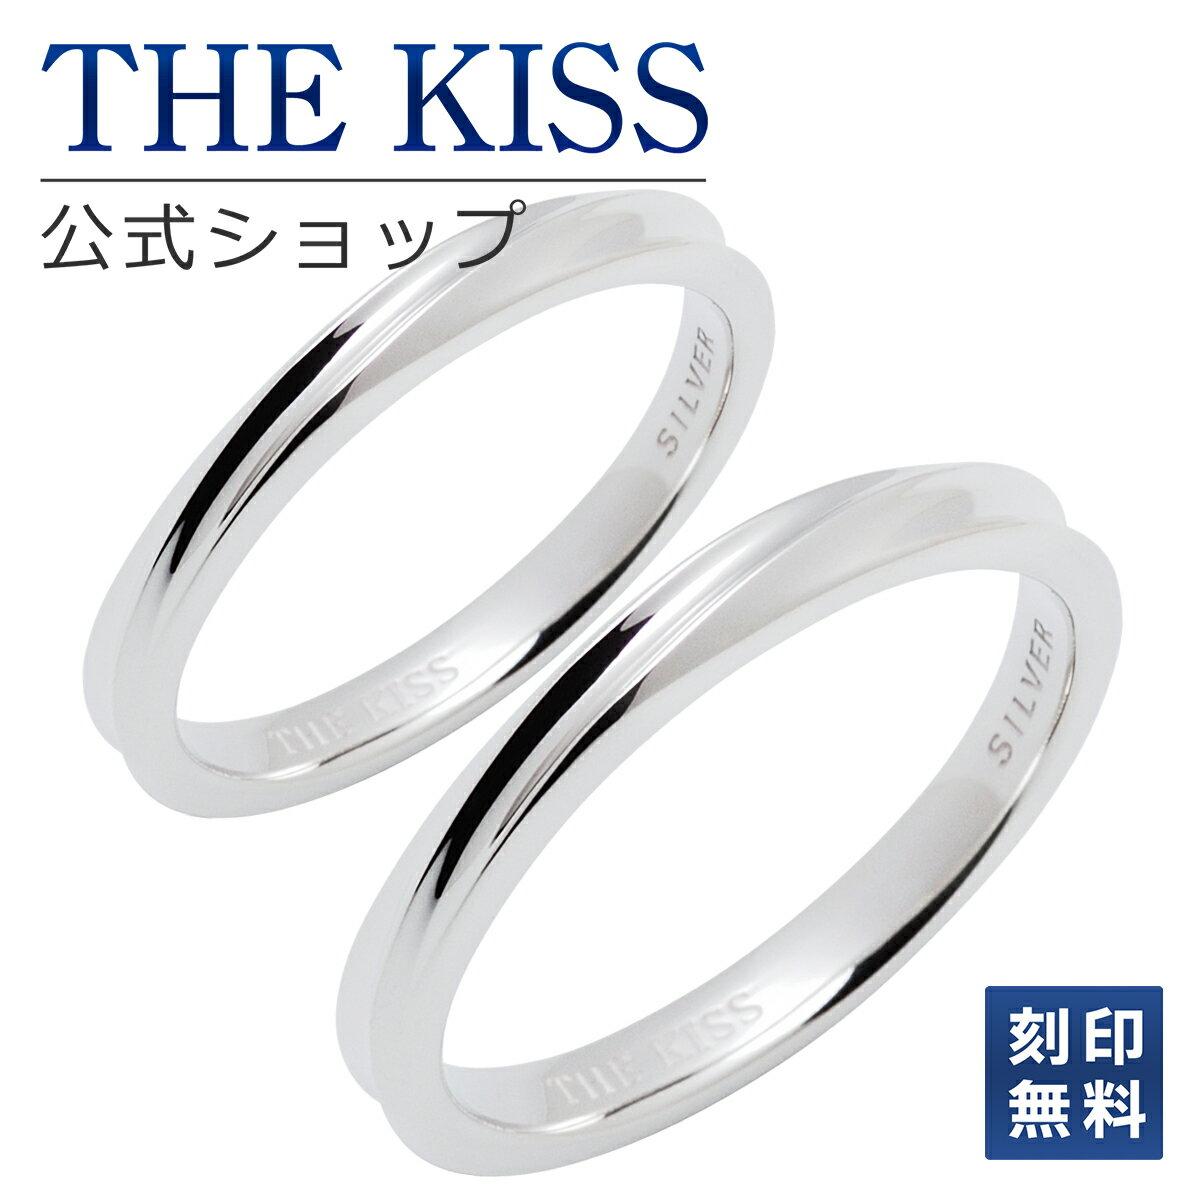 【あす楽対応】THE KISS 公式サイト シルバー ペアリング ペアアクセサリー カップル に 人気 の ジュエリーブランド THEKISS ペア リング・指輪 記念日 プレゼント SR1835-P ザキス